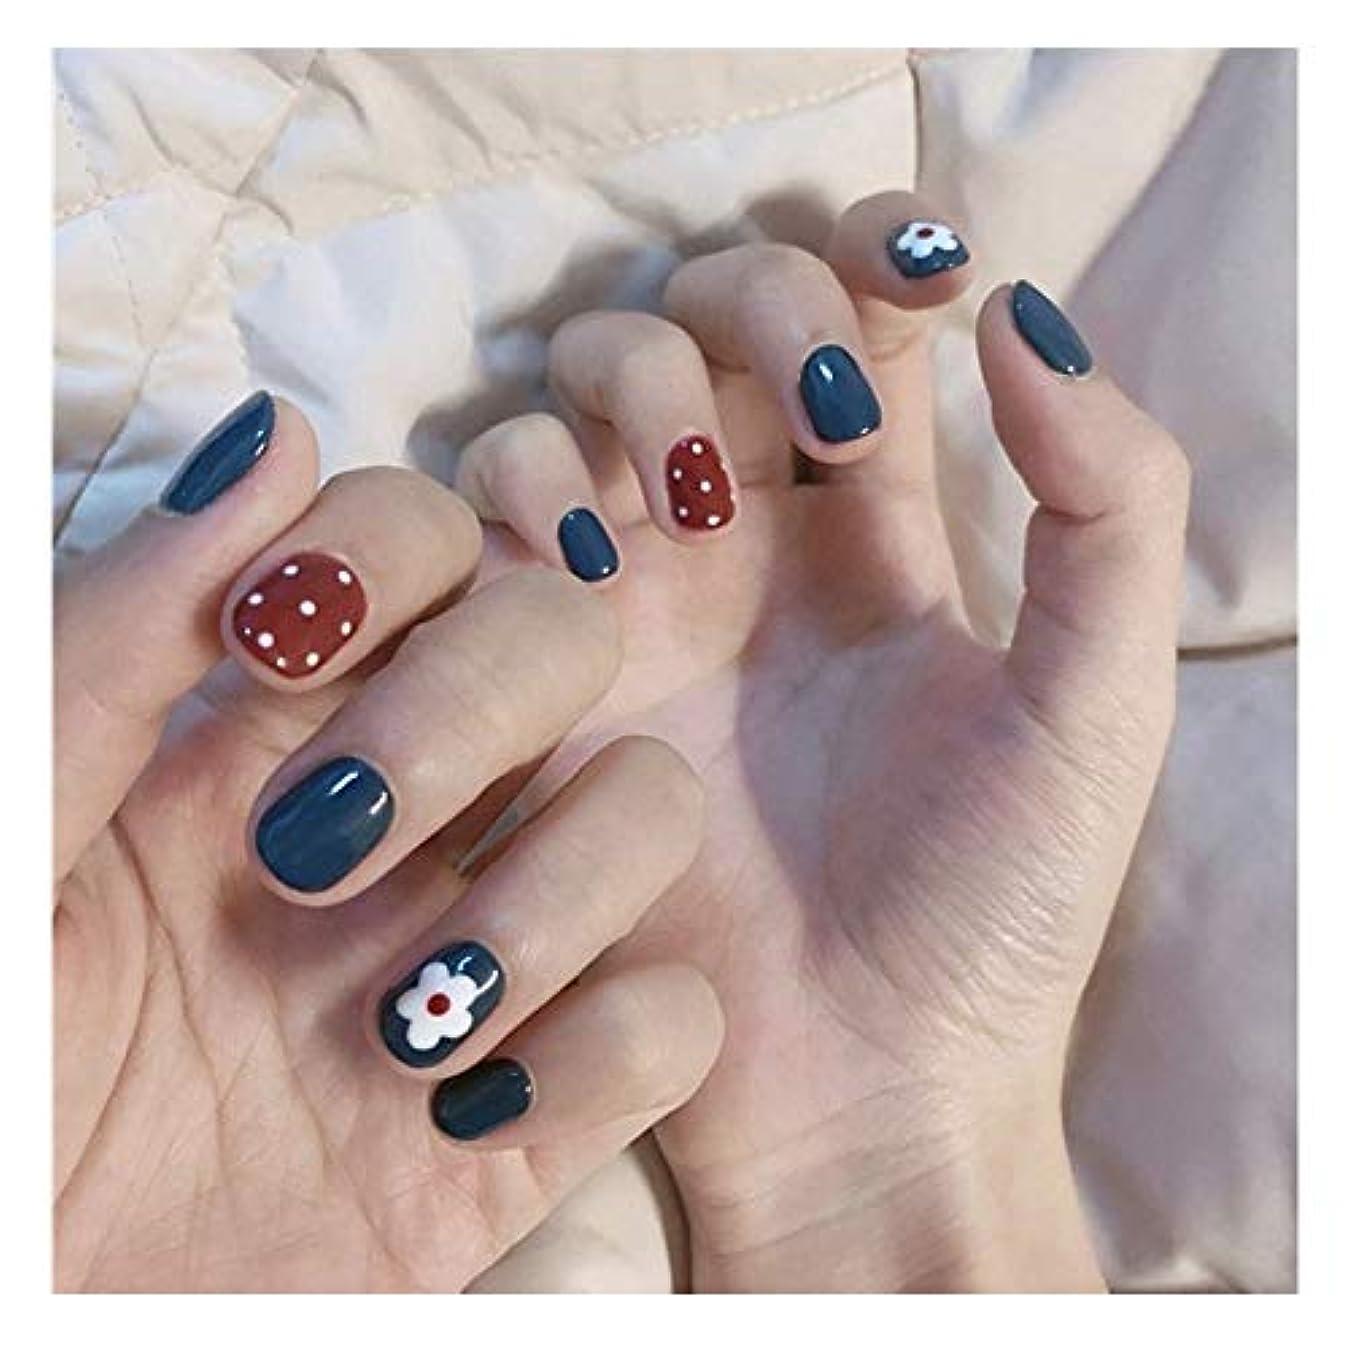 対応するアノイ優先YESONEEP 明るい顔青+赤小の花偽の釘ショートネイルズのり完成ネイル偽の釘 (色 : 24 pieces)